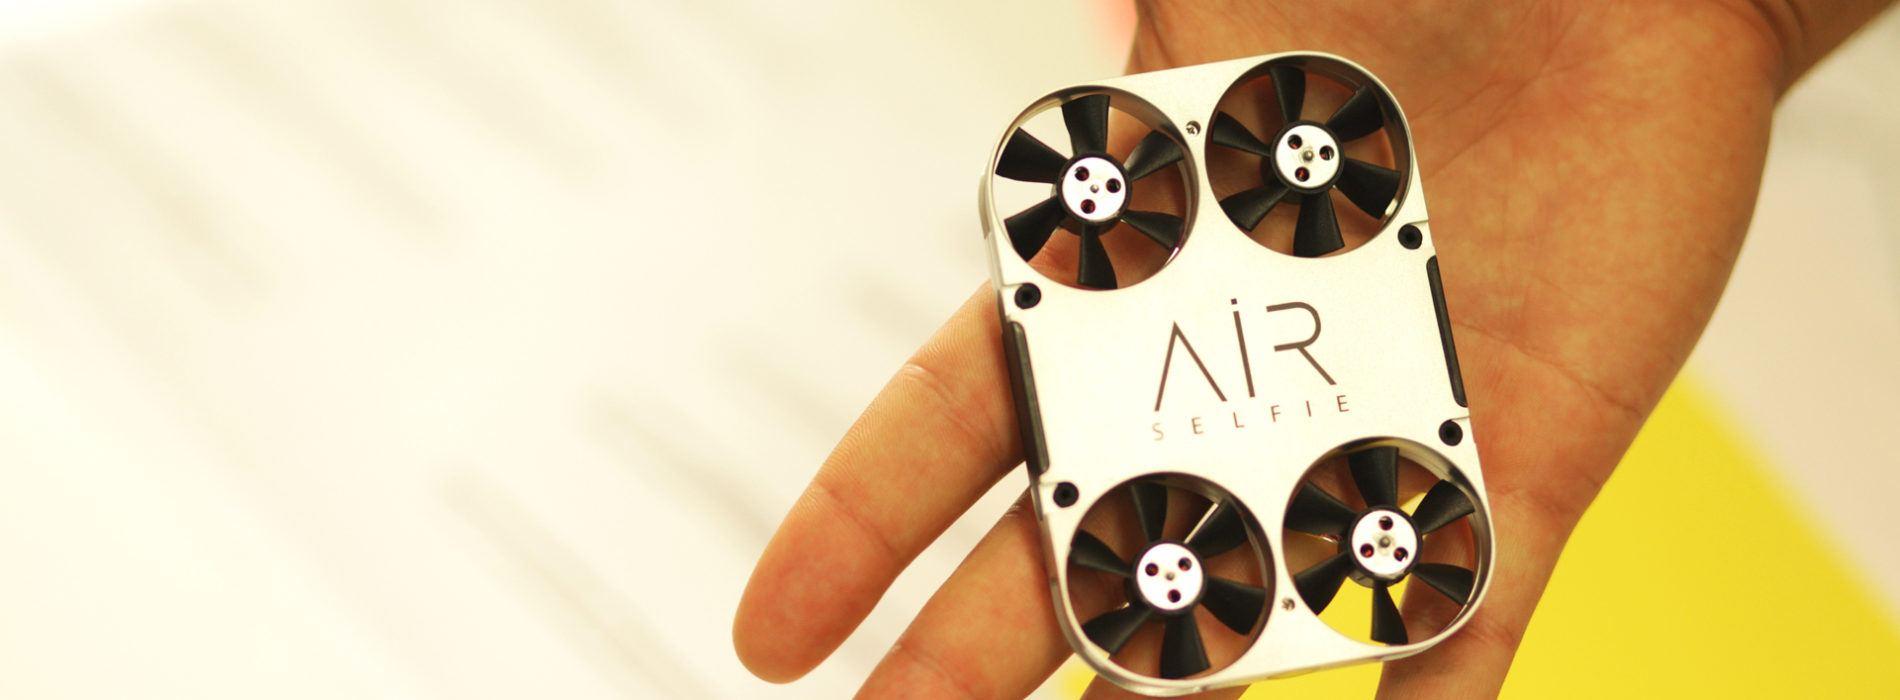 El mini dron de selfies ya ha llegado